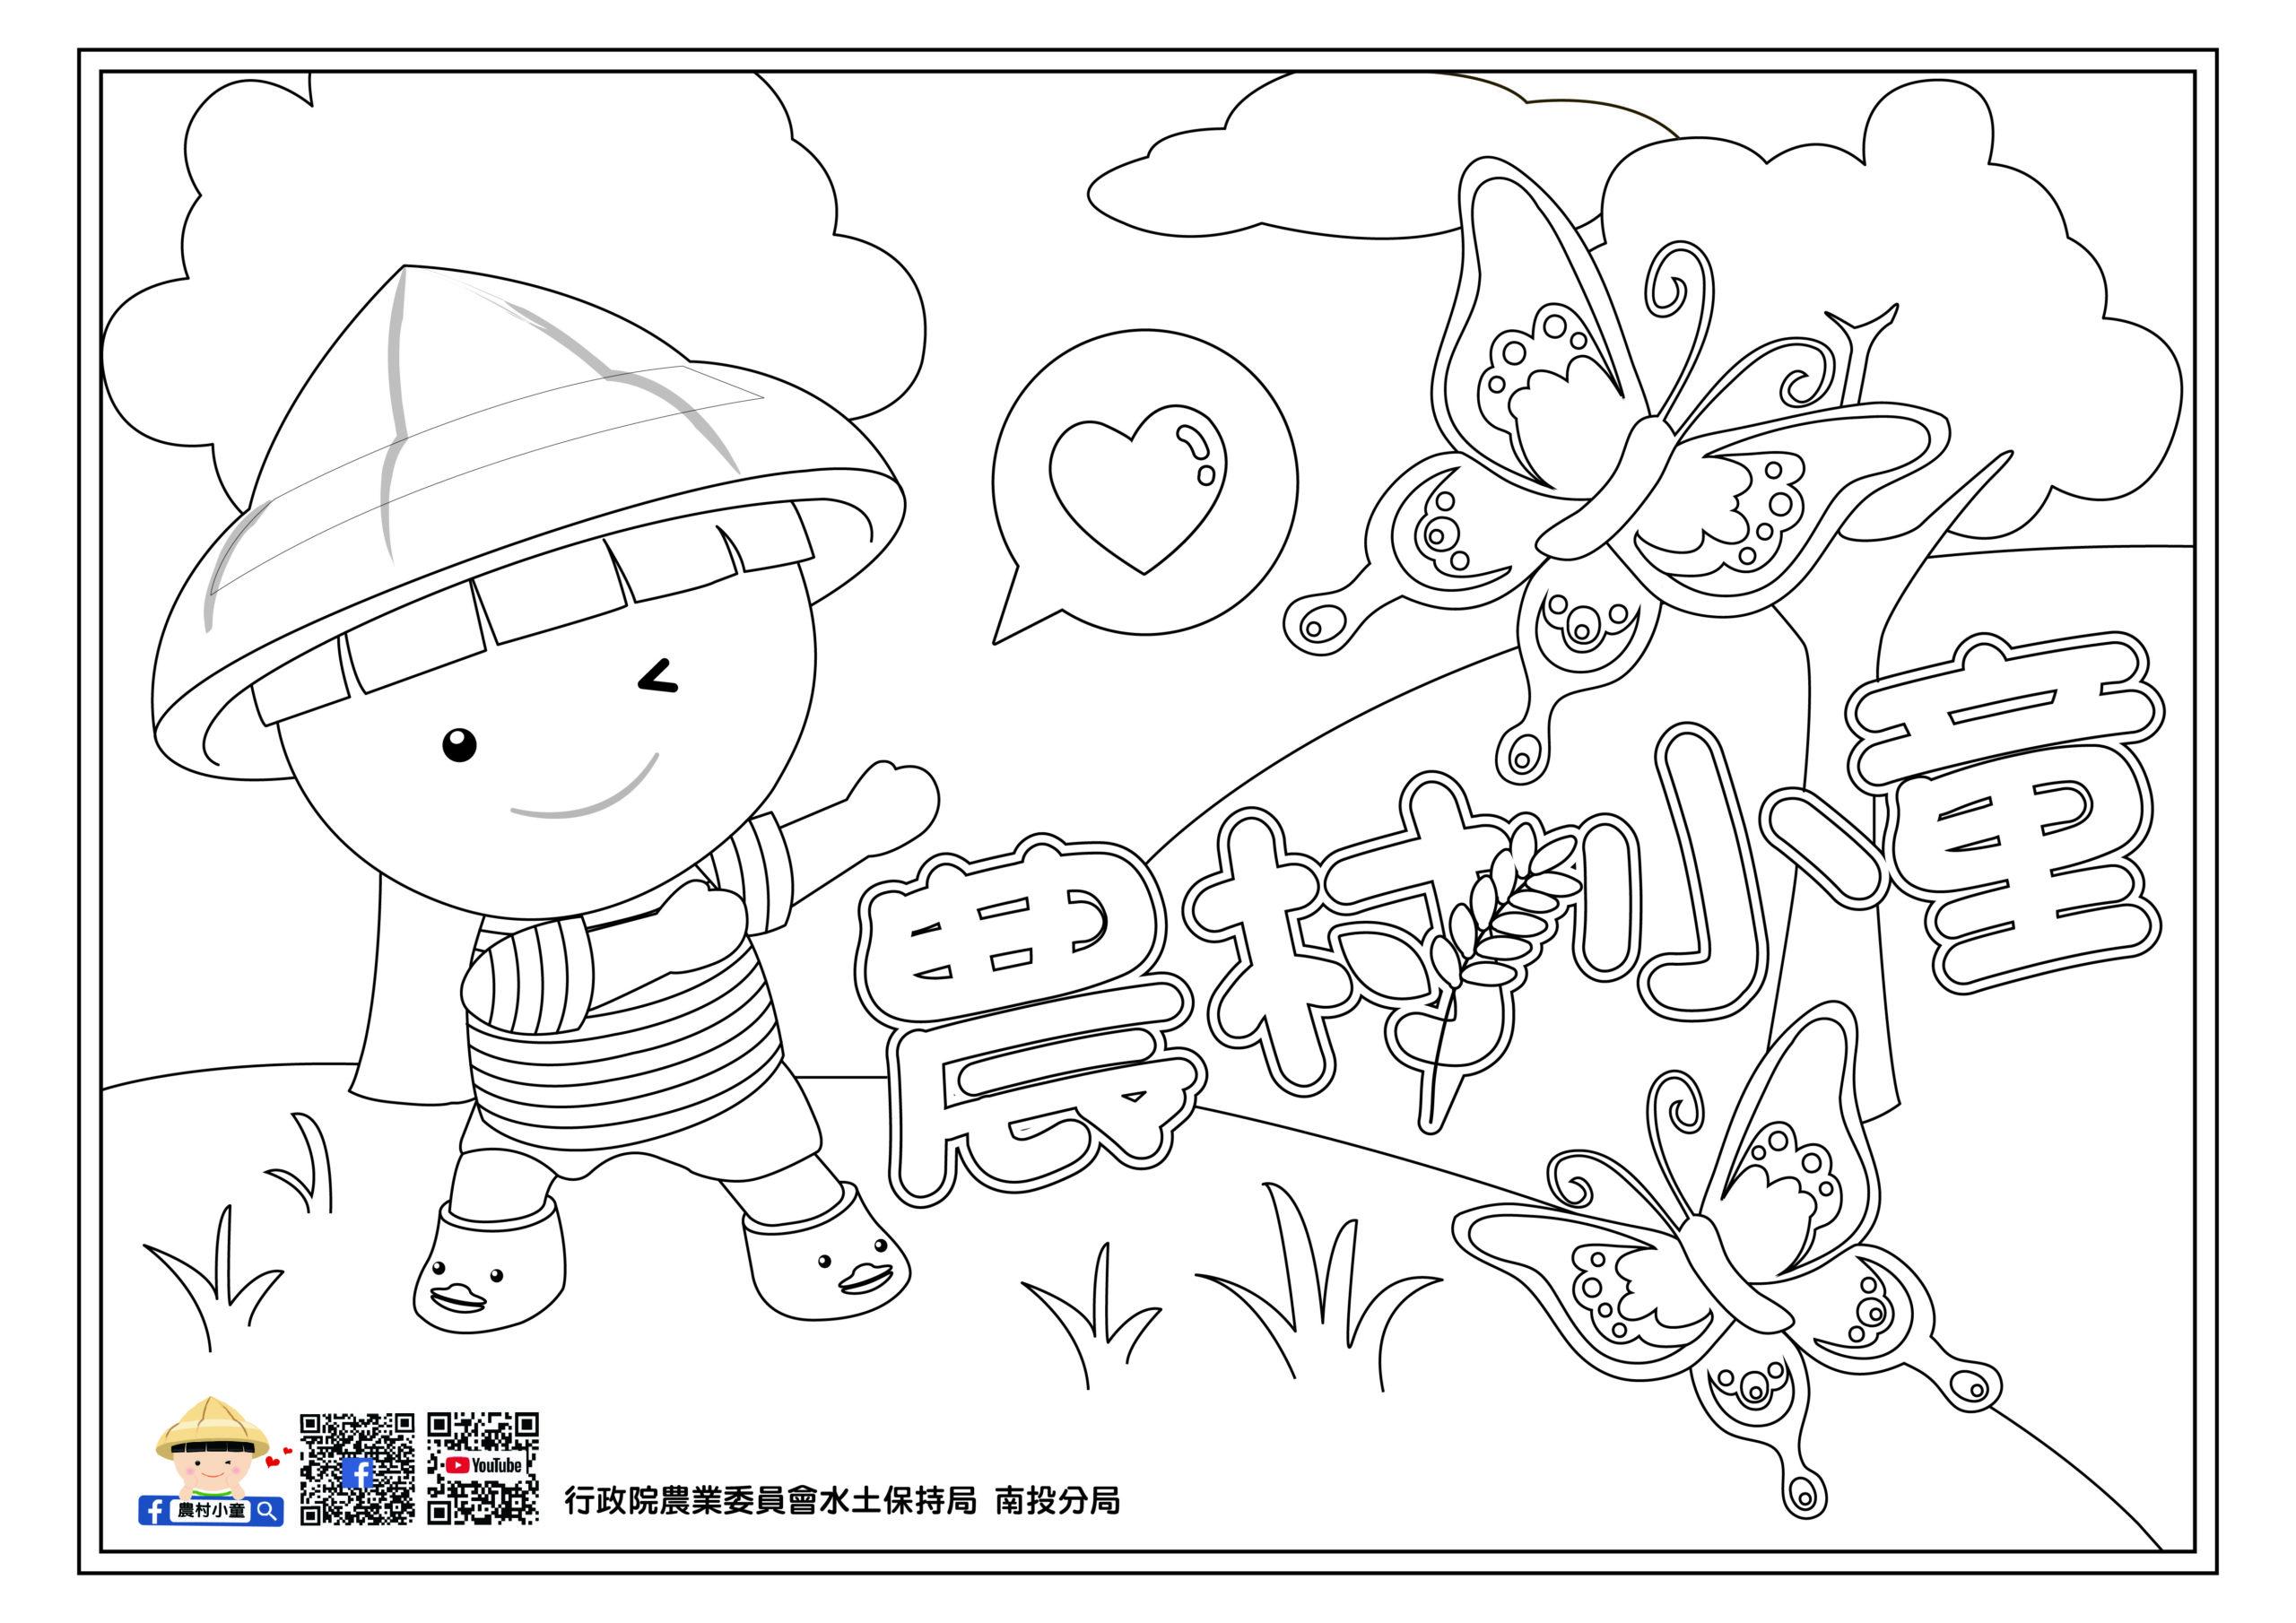 「農村小童繪不繪,小童遊農村」繪畫比賽 著色稿紙 B款